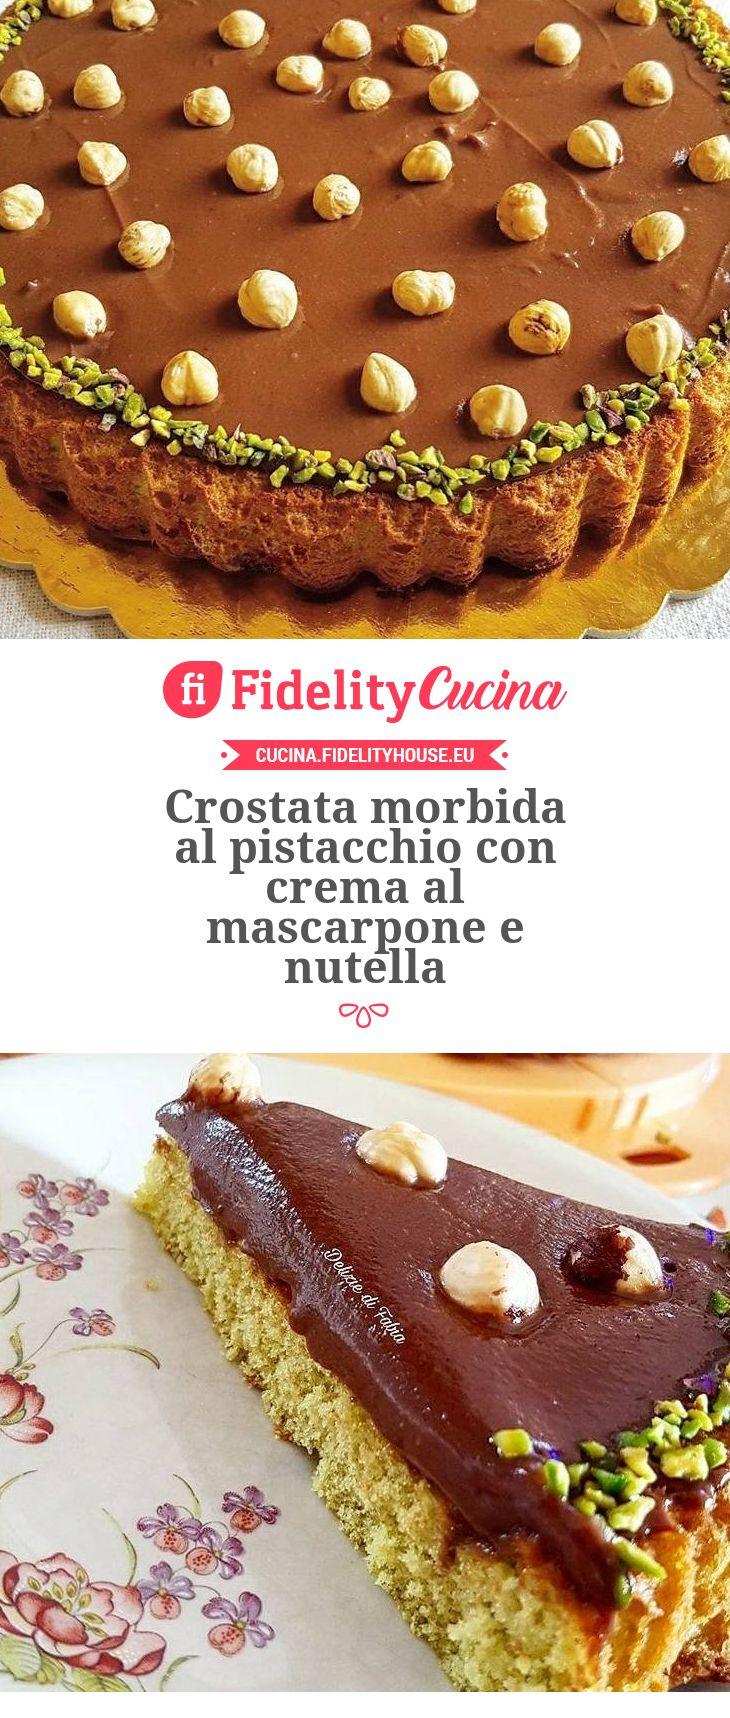 Crostata morbida al pistacchio con crema al mascarpone e nutella